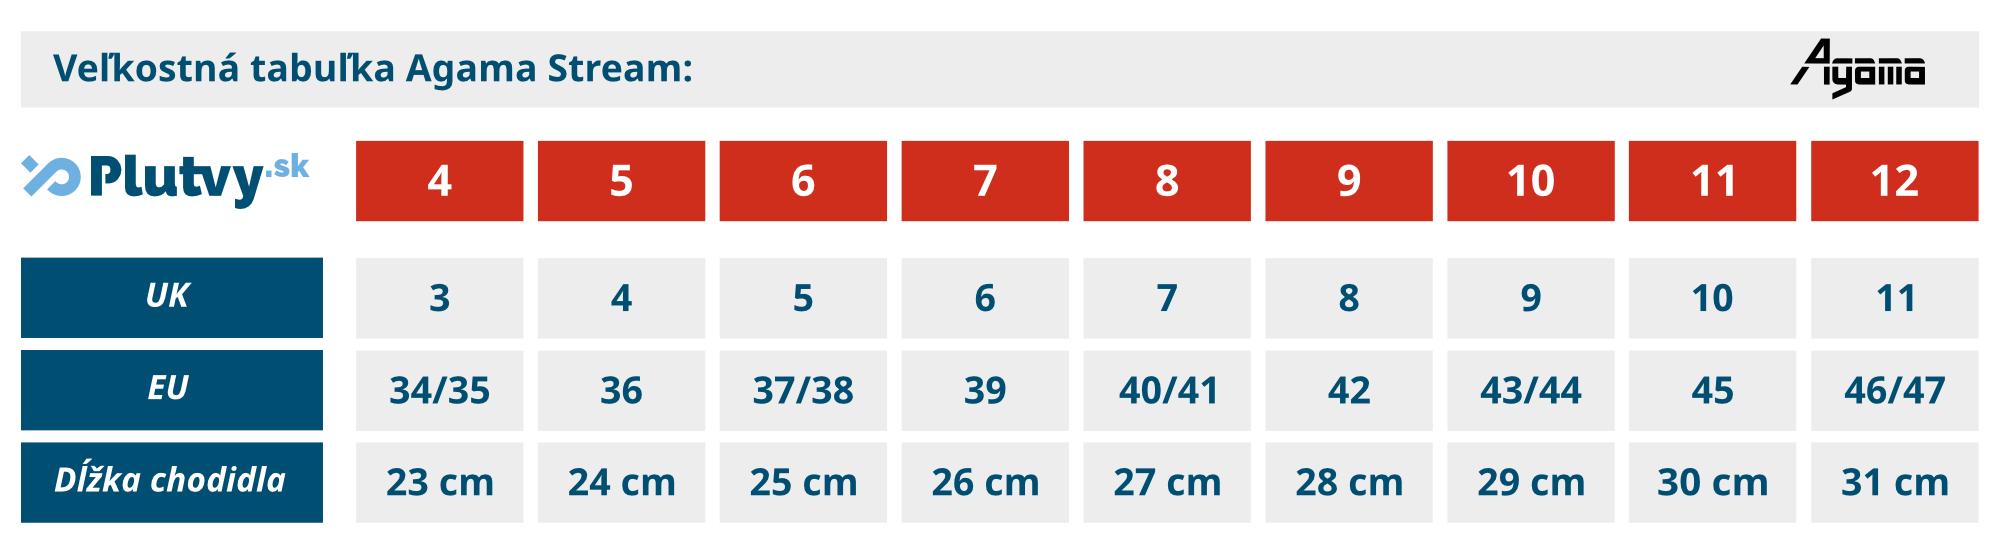 Neoprénové topánky, vysoké, 5mm, veľkosti, Agama Stream, v obchode a eshope Plutvy.sk